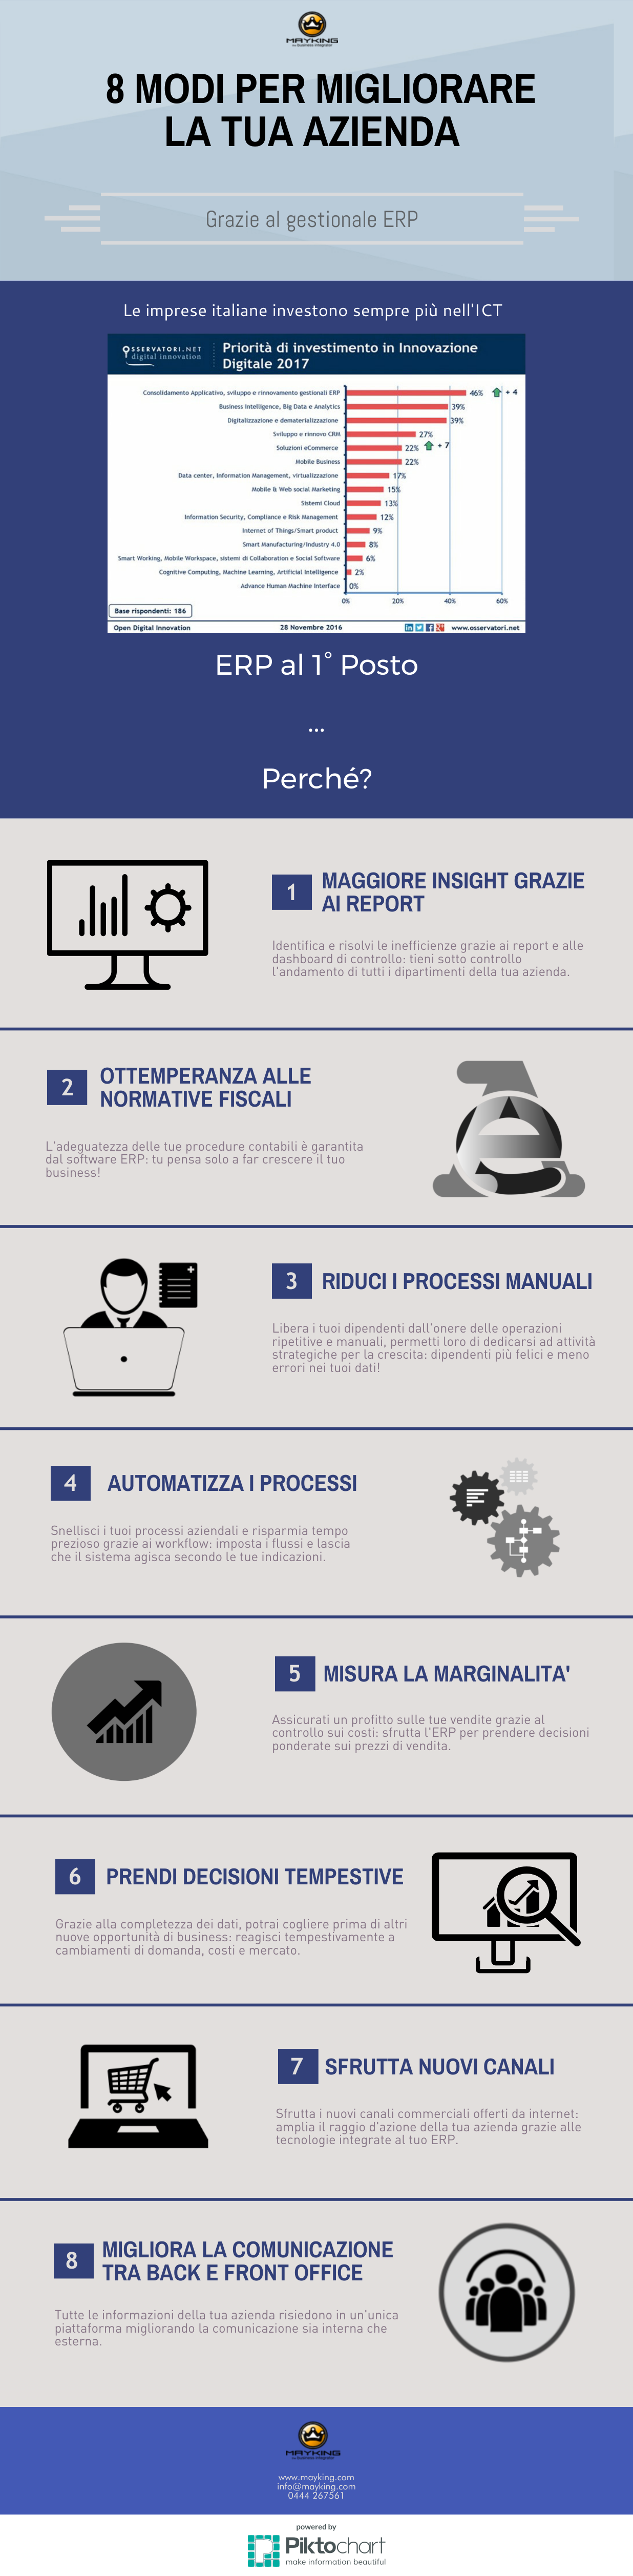 Infografica | 8 modi per migliorare la tua azienda con l'ERP